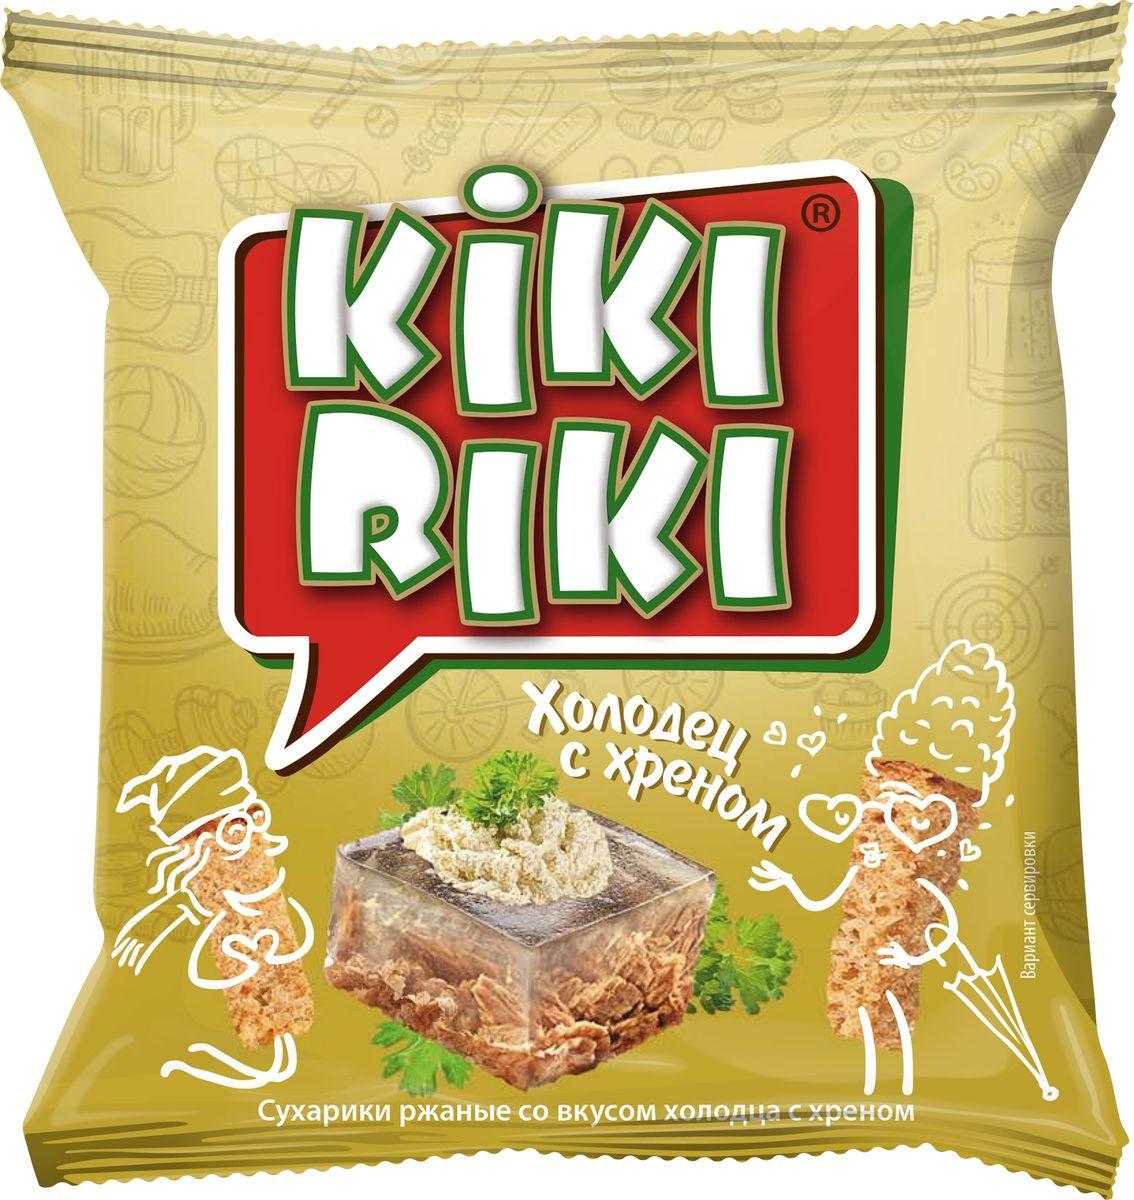 Сухарики ржано-пшеничные со вкусом холодца и хрена